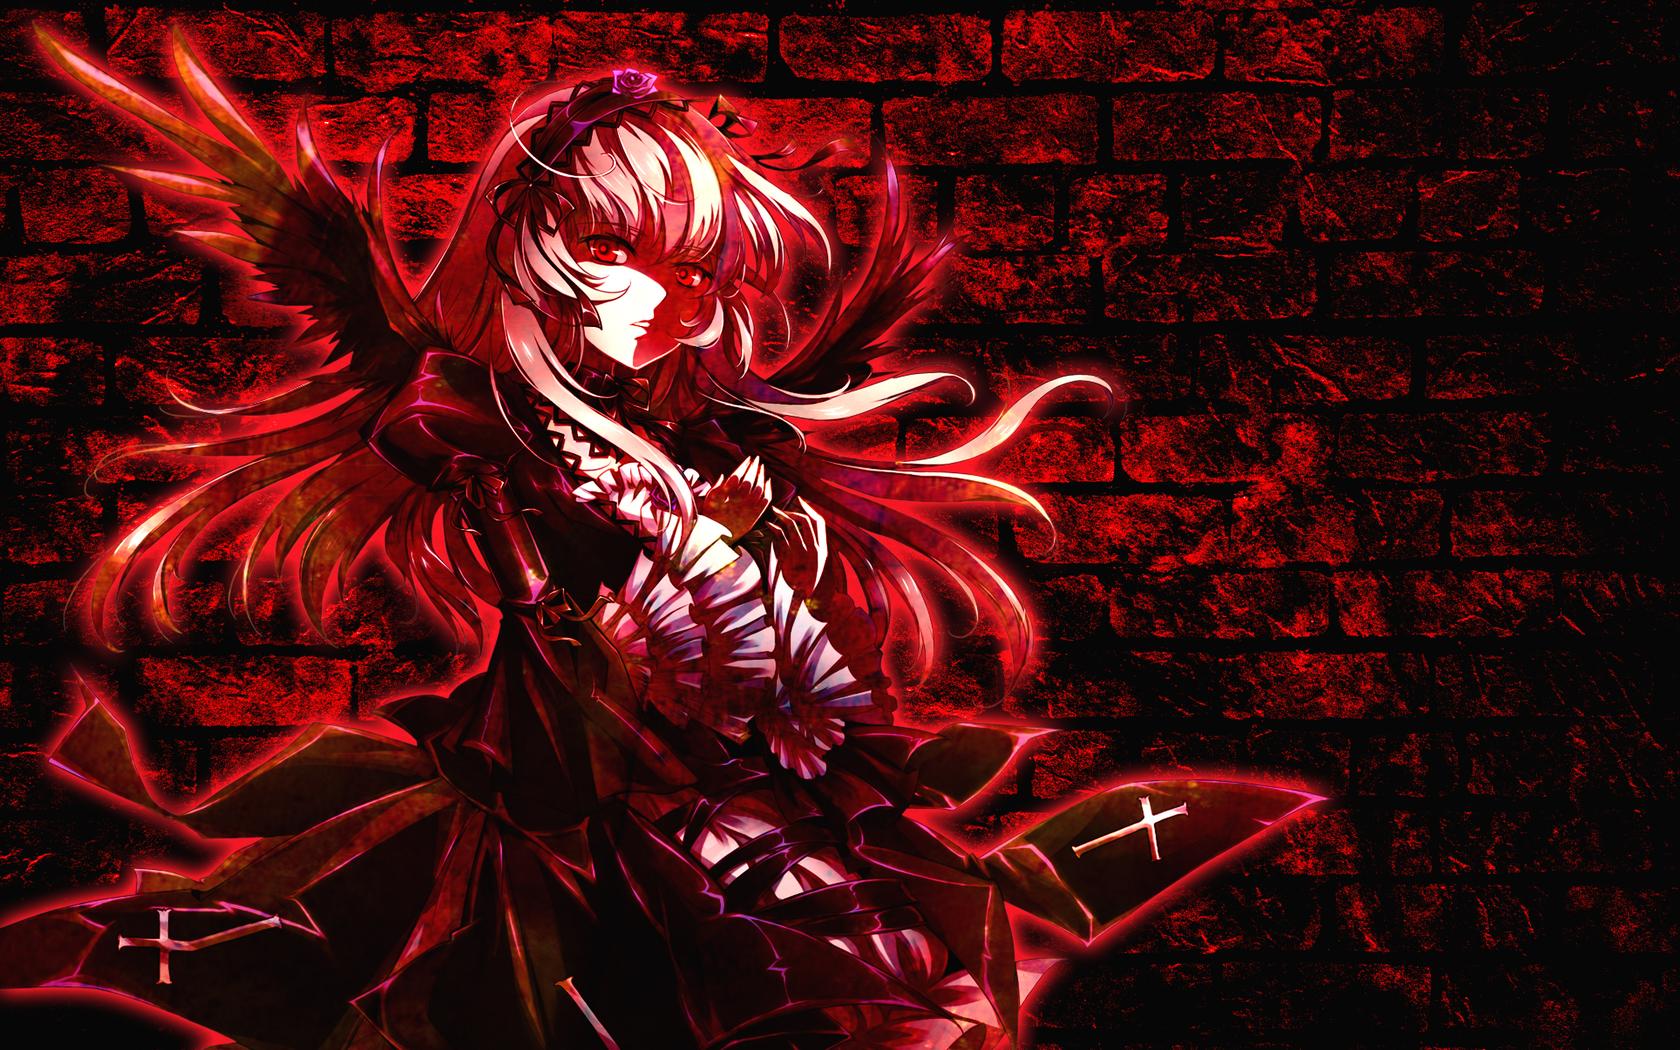 Картинки на аву вк аниме демоны